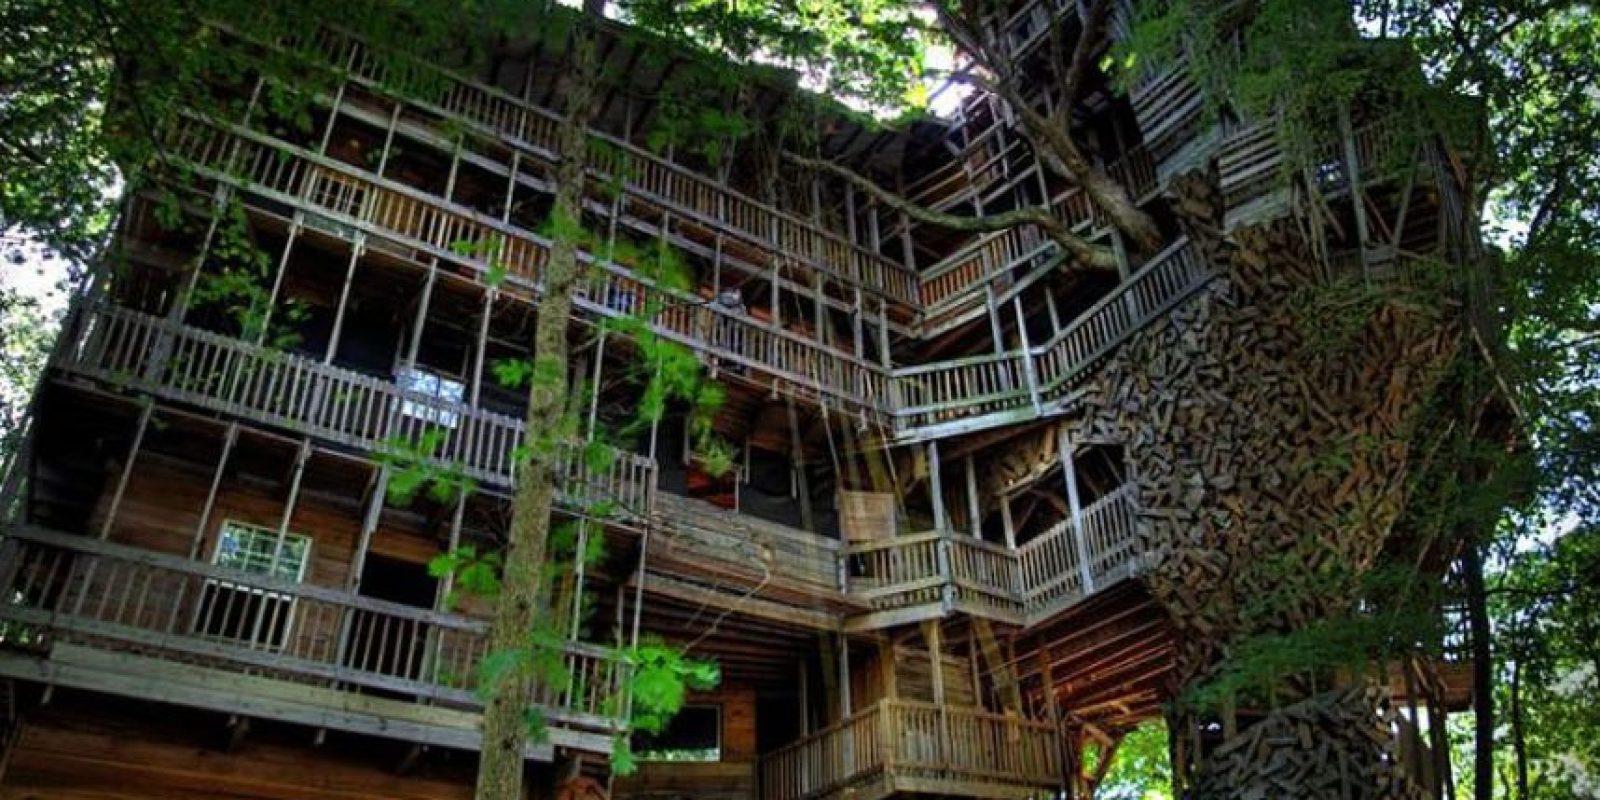 Esta grandiosa estructura de 100 metros de altura, se dice que es la casa del árbol más alta del mundo, y fue construido enteramente de madera recuperada por Horace Burgess en Crossville, Tennessee. Foto:architecturendesign.net